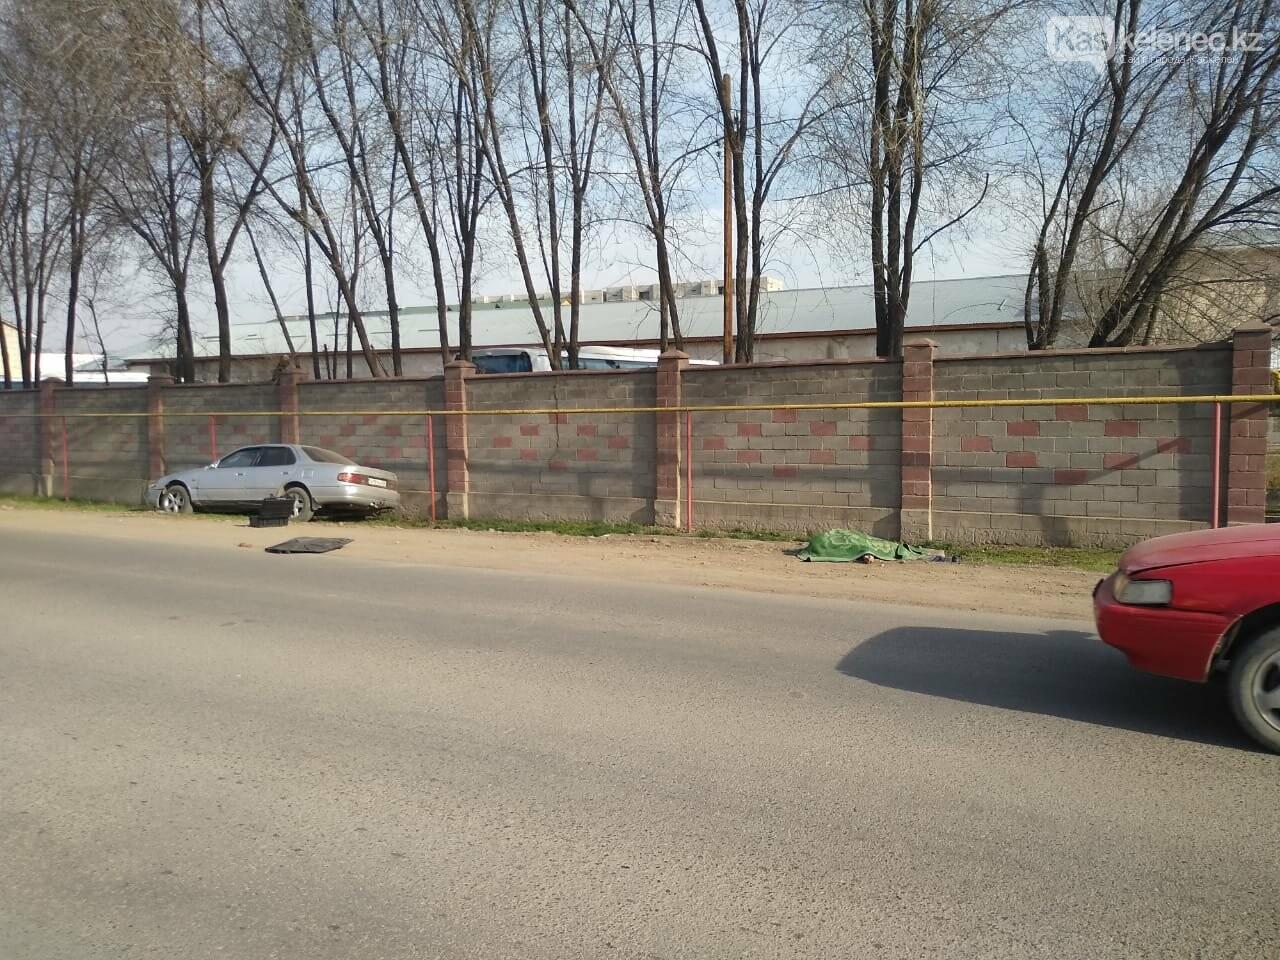 На центральной улице Каскелена насмерть сбили мужчину, фото-1